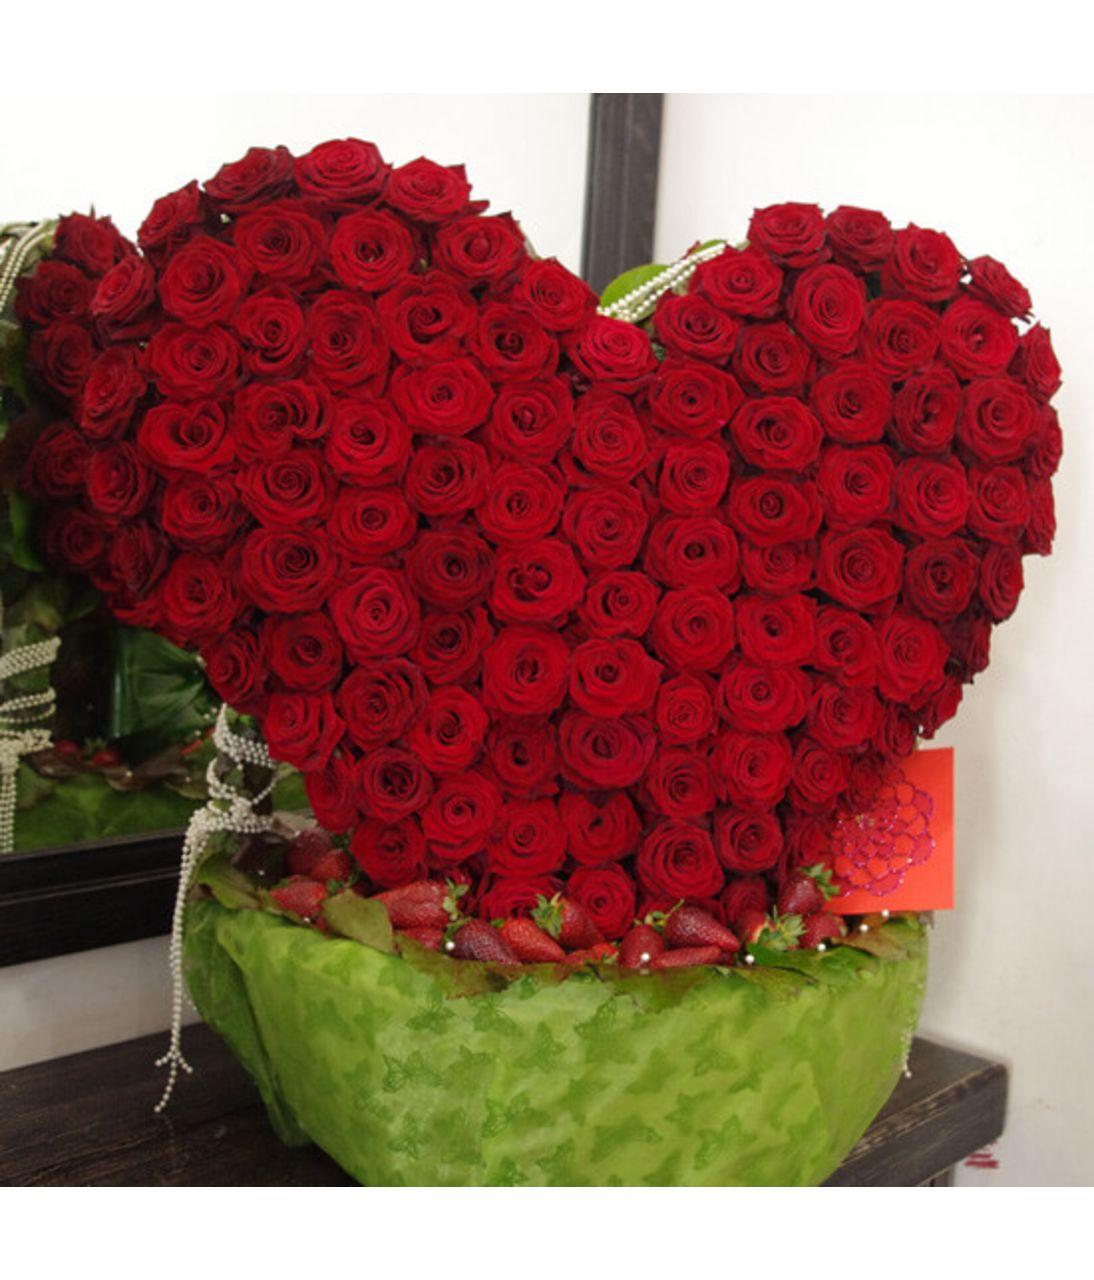 Композиція у вигляді серця. Superflowers.com.ua